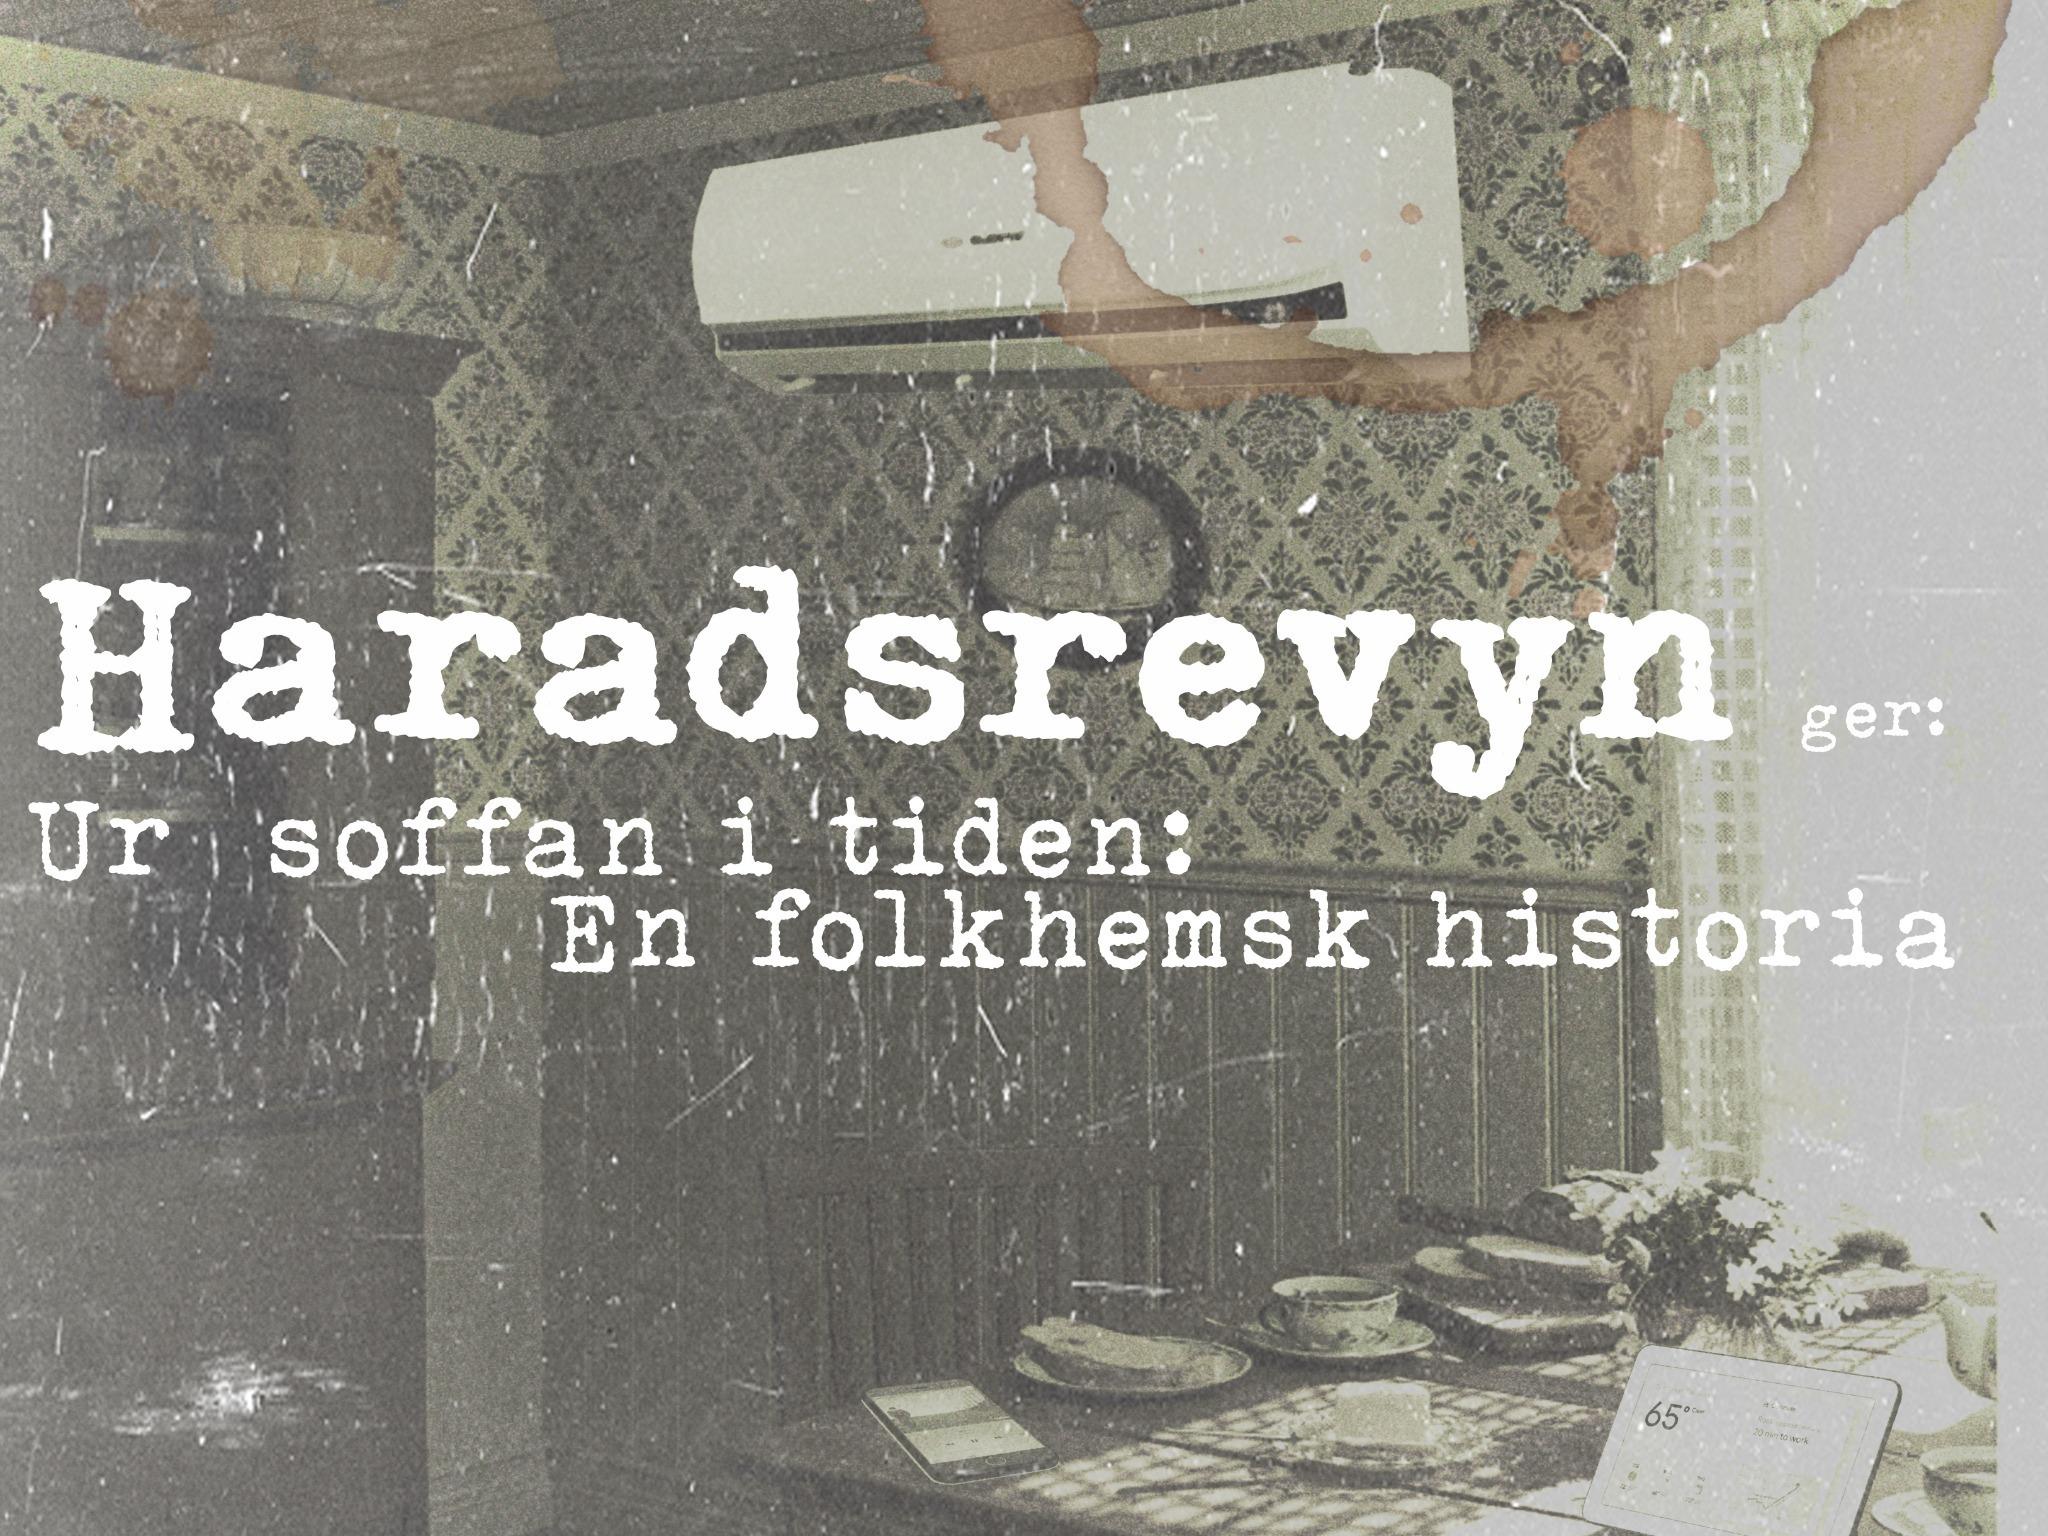 PREMIÄR Ur soffan i tiden: En folkhemsk historia